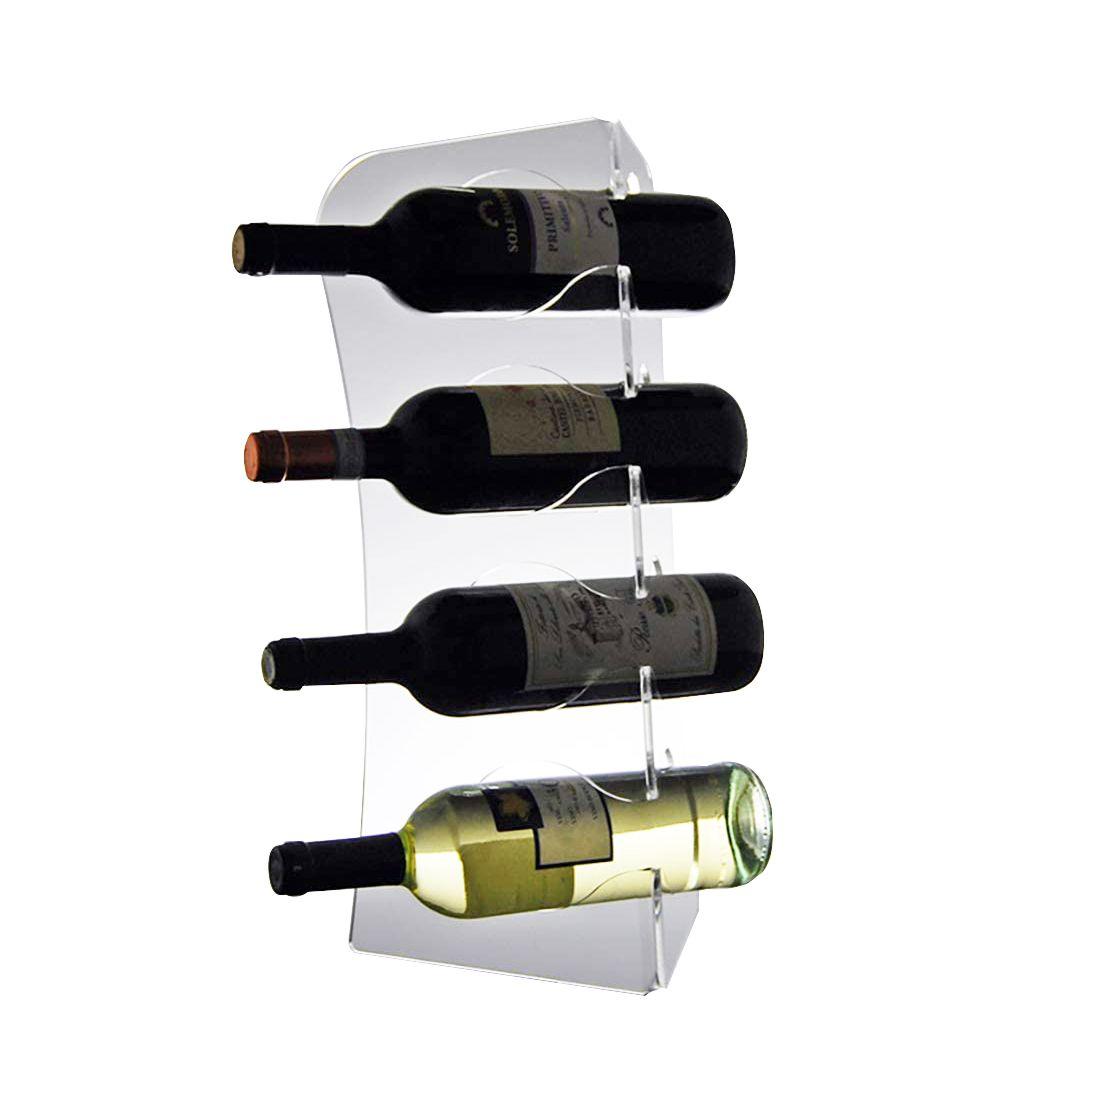 Adega, Porta Vinhos, Suporte de Mesa para 4 Garrafas Em Acrílico